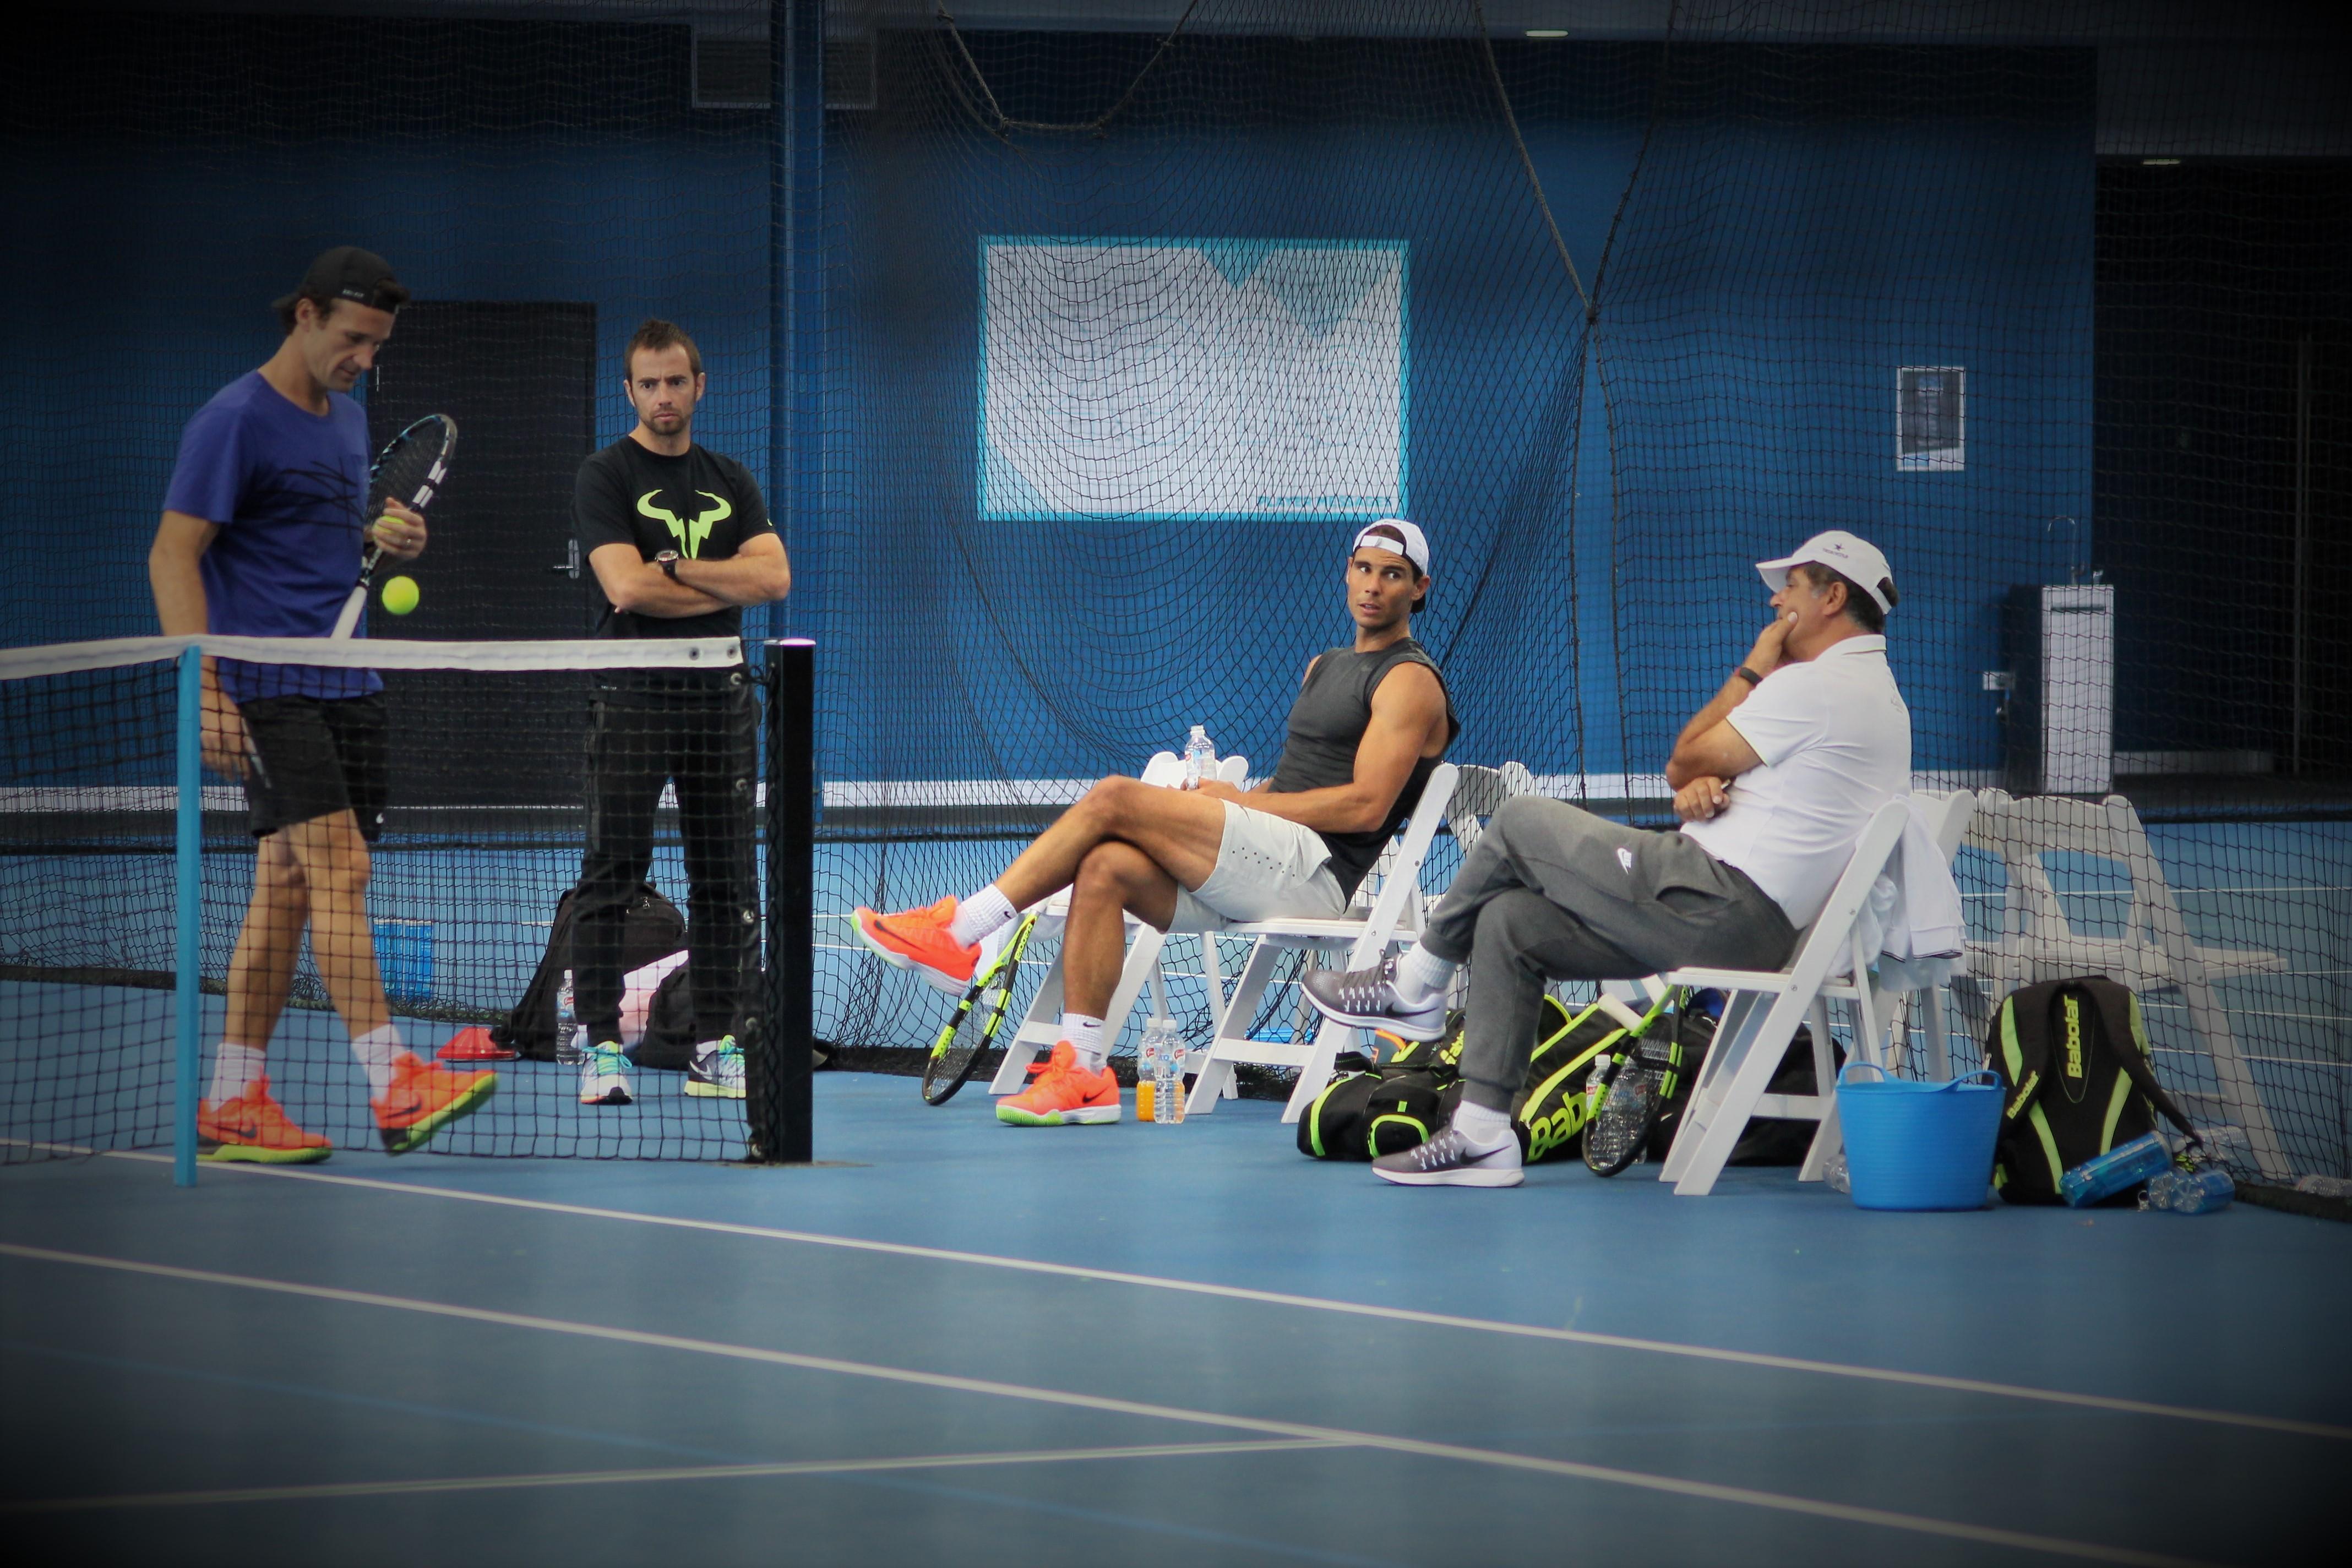 Rafael Nadal à l'entraînement lors du dernier Open d'Australie / ©SoTennis